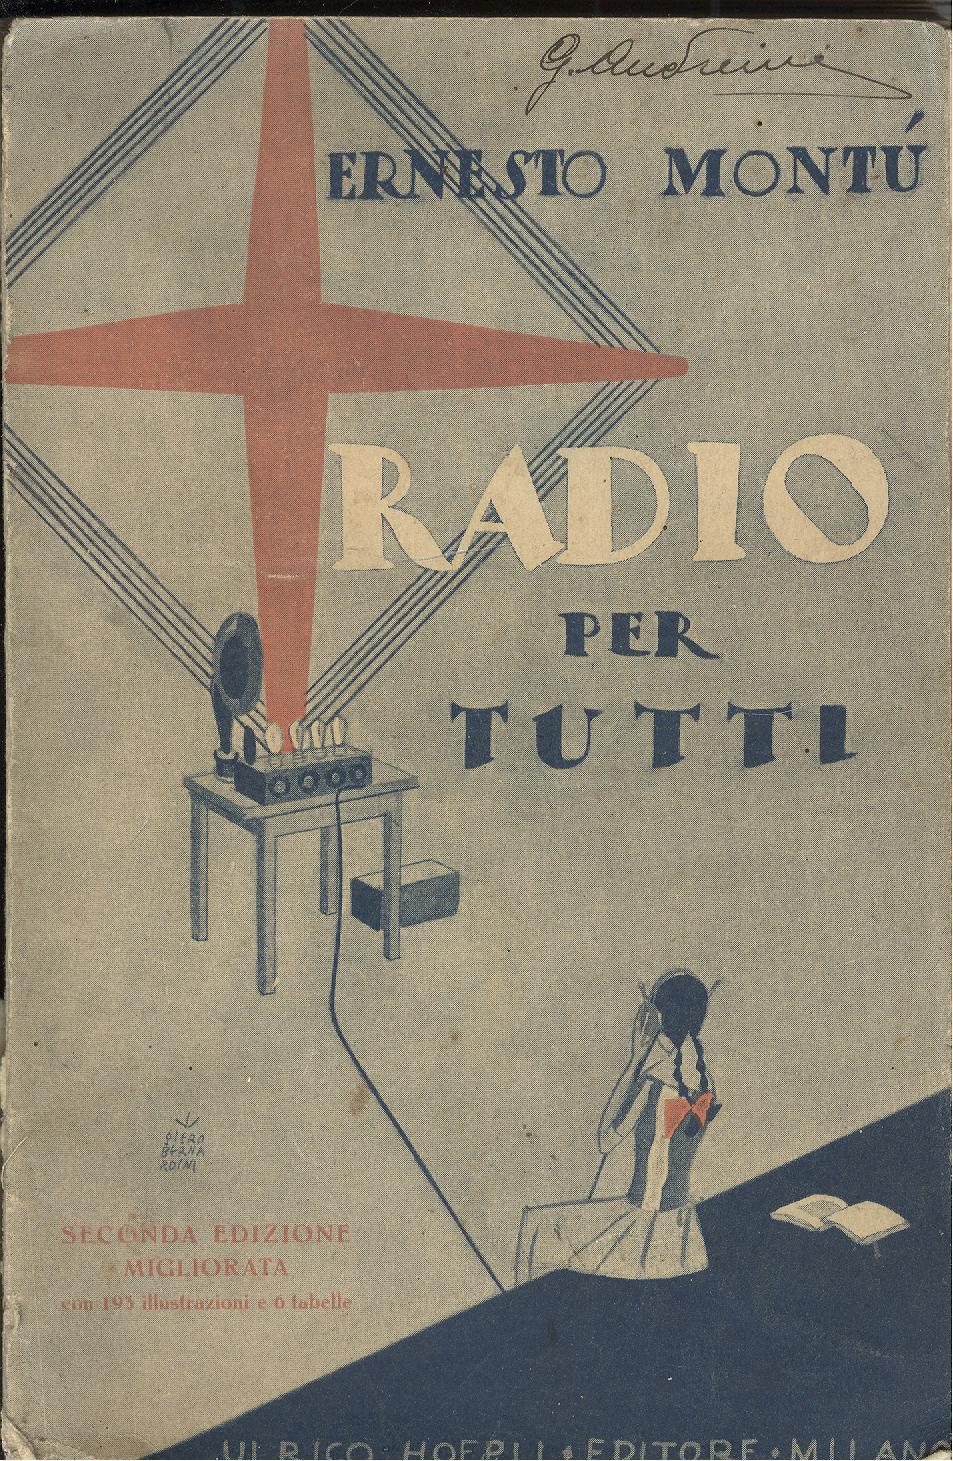 La radio per tutti